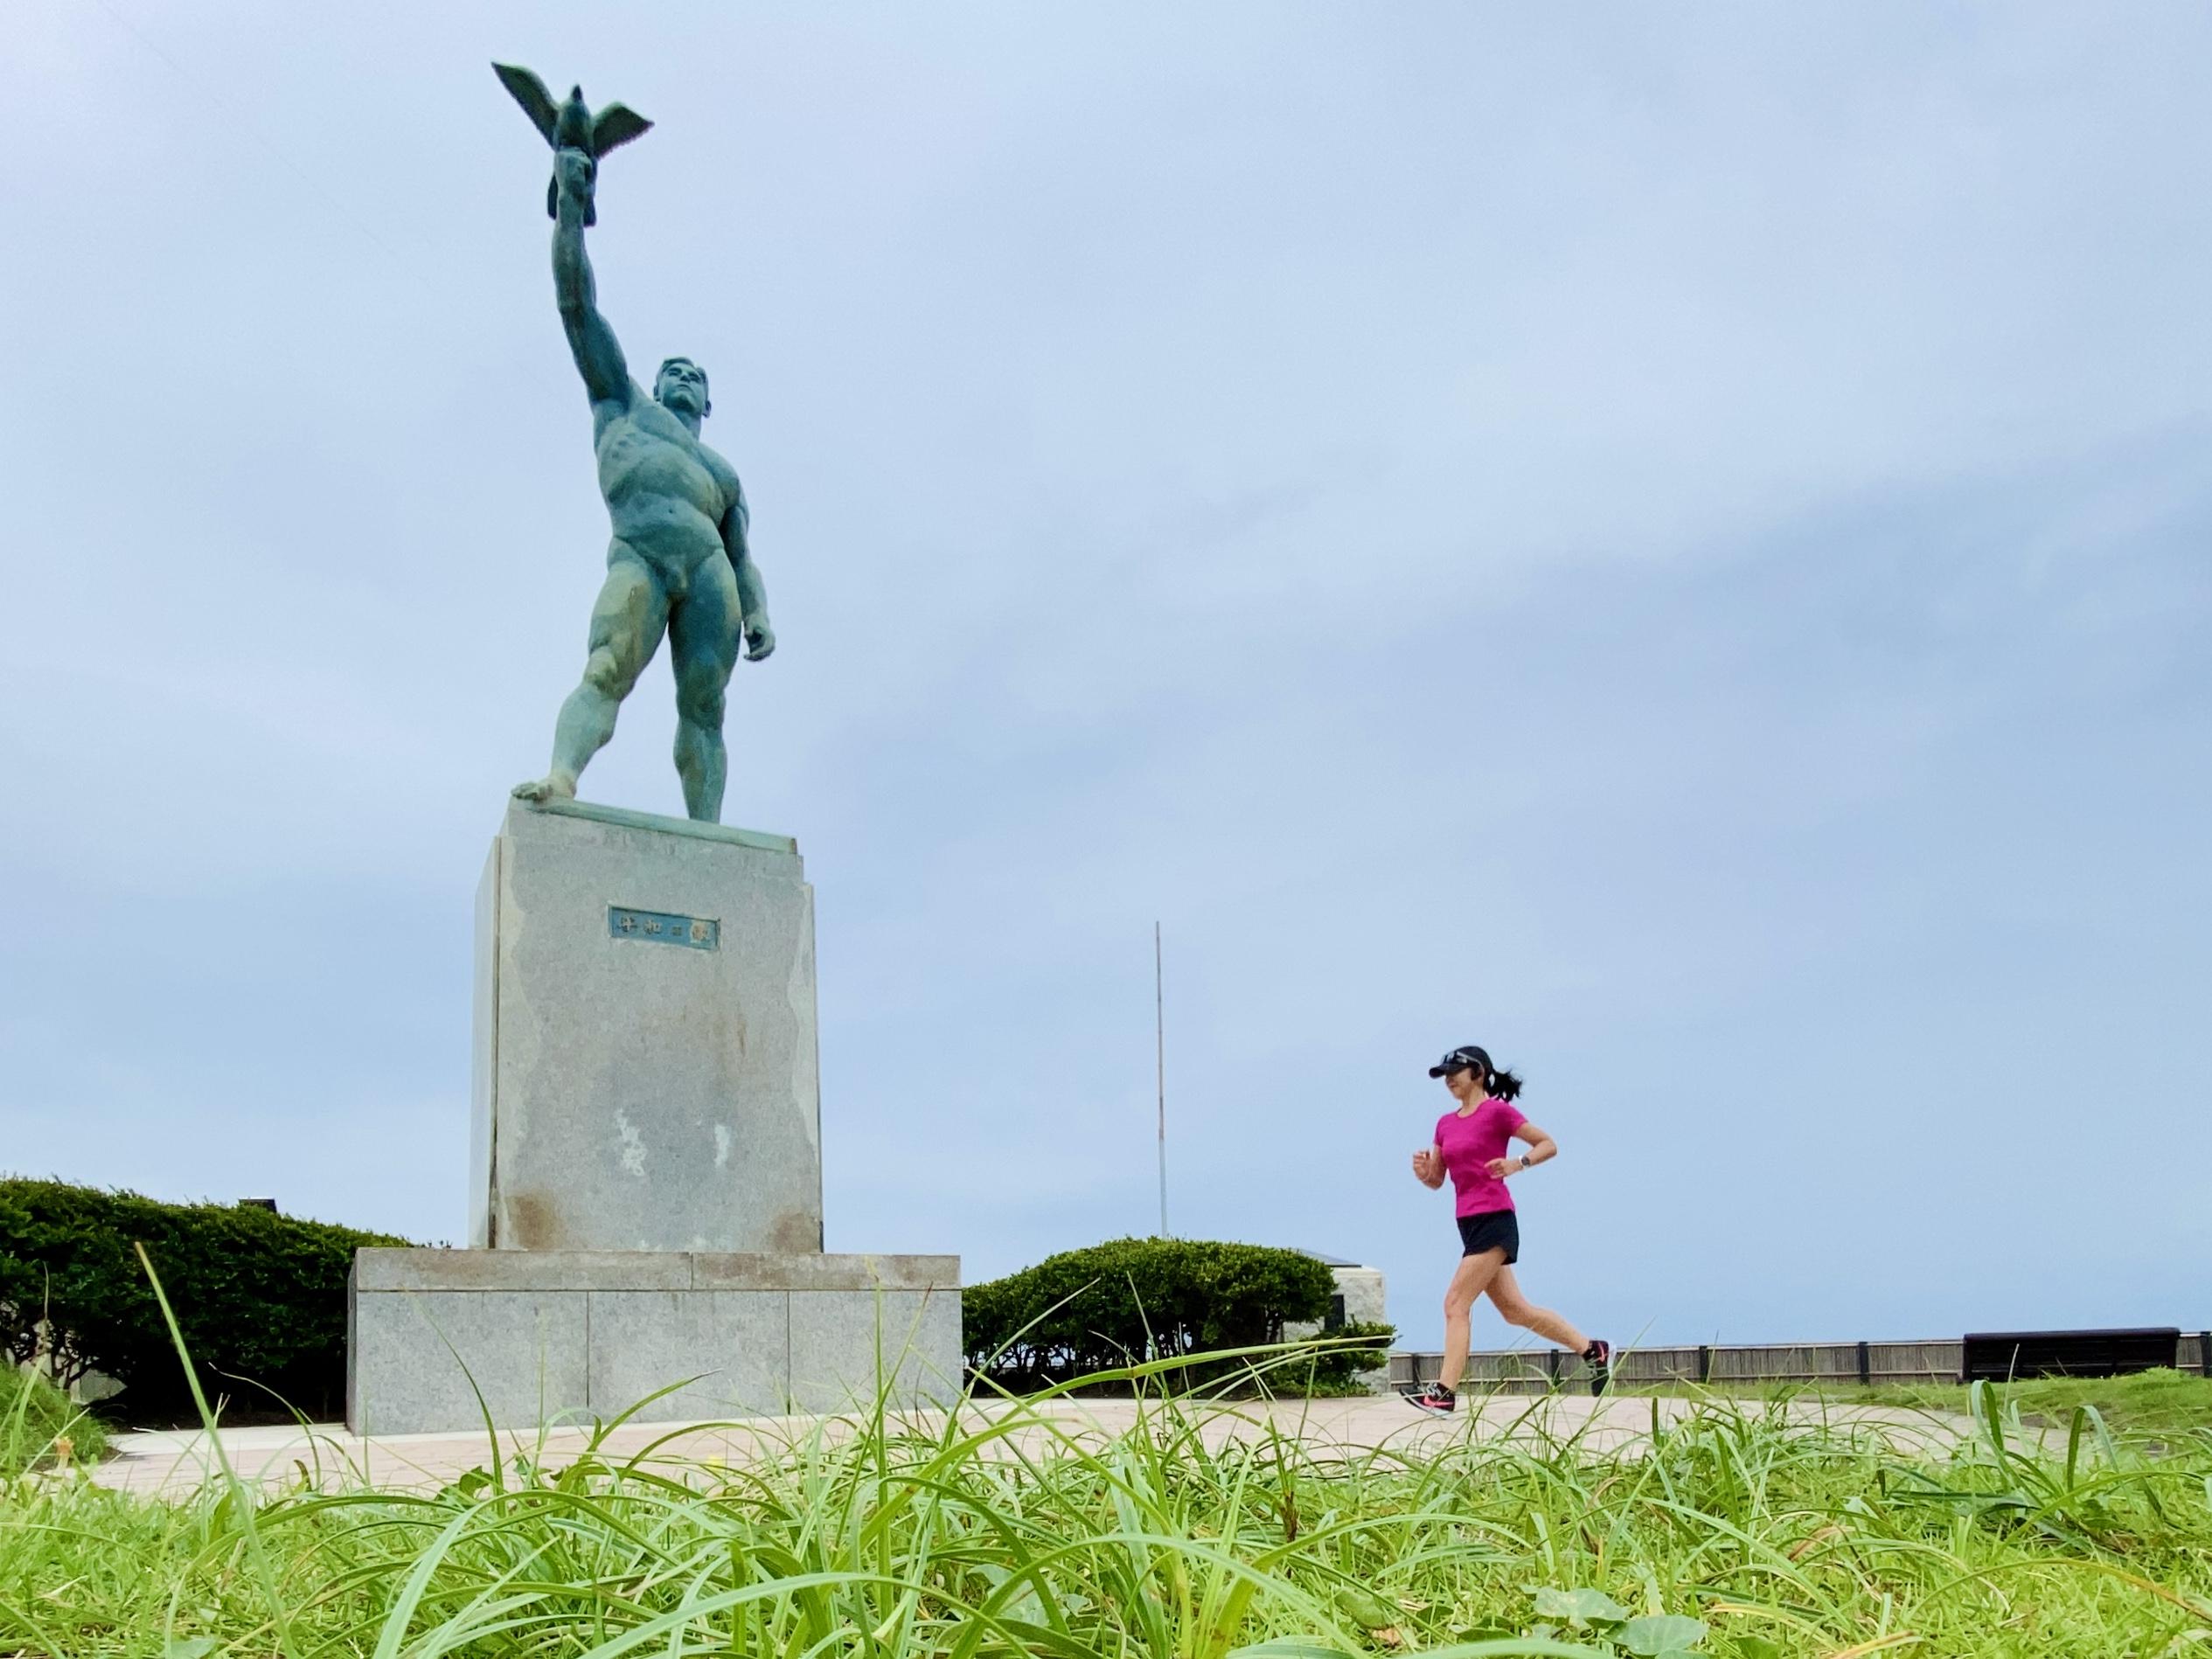 辻堂海浜公園の平和の像にて